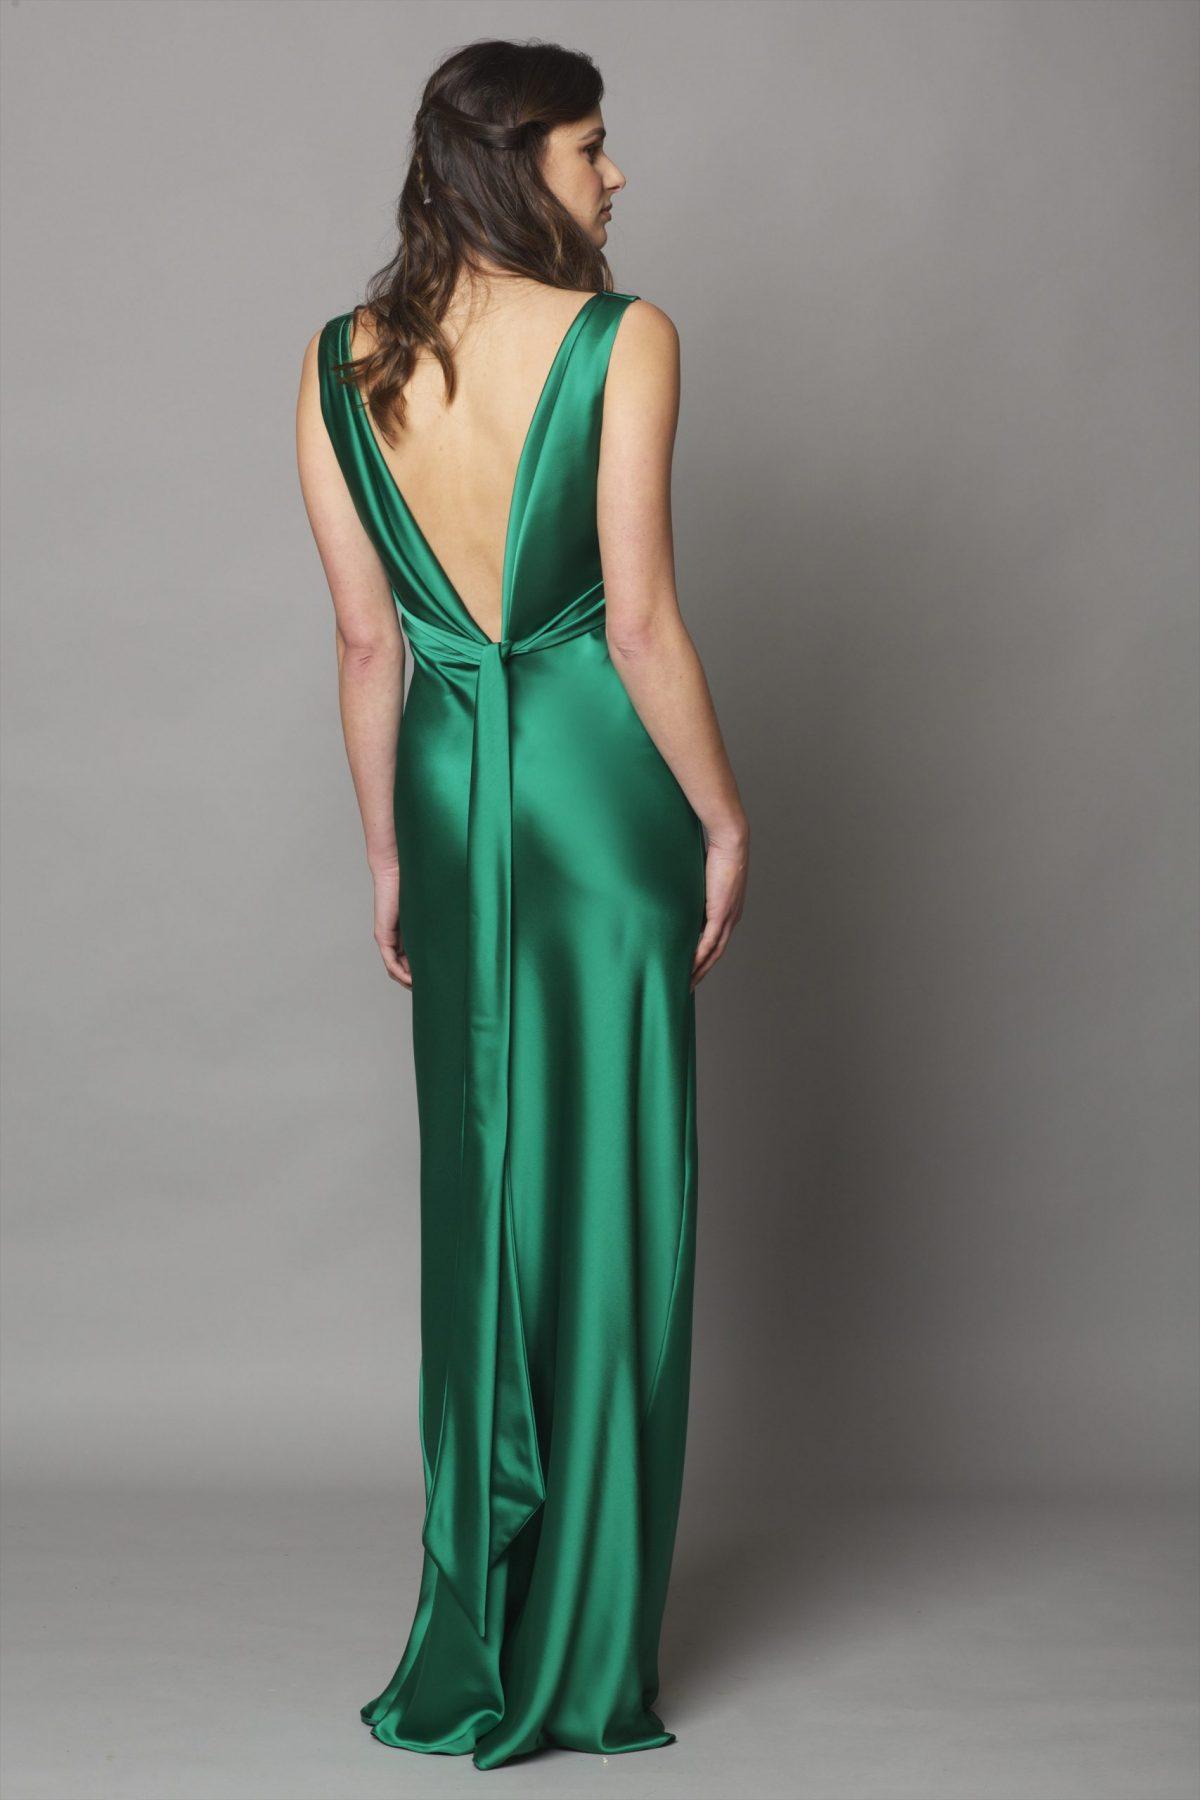 Coco Satin Emerald